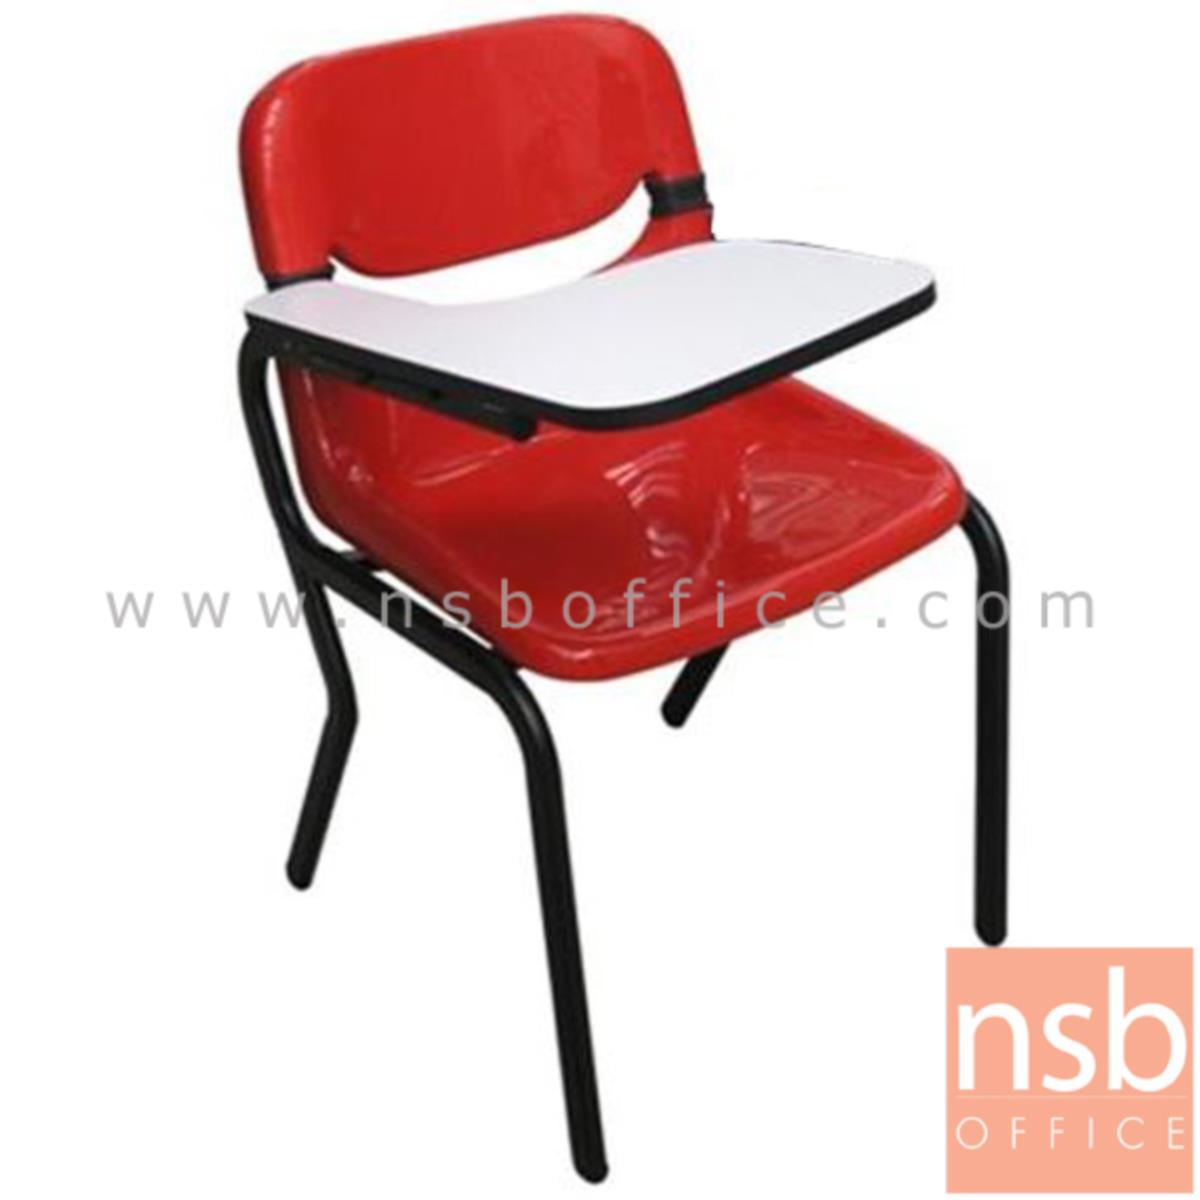 เก้าอี้เลคเชอร์เฟรมโพลี่ รุ่น B-790 ขาเหล็กท่อแป๊บไข่พ่นสีดำ